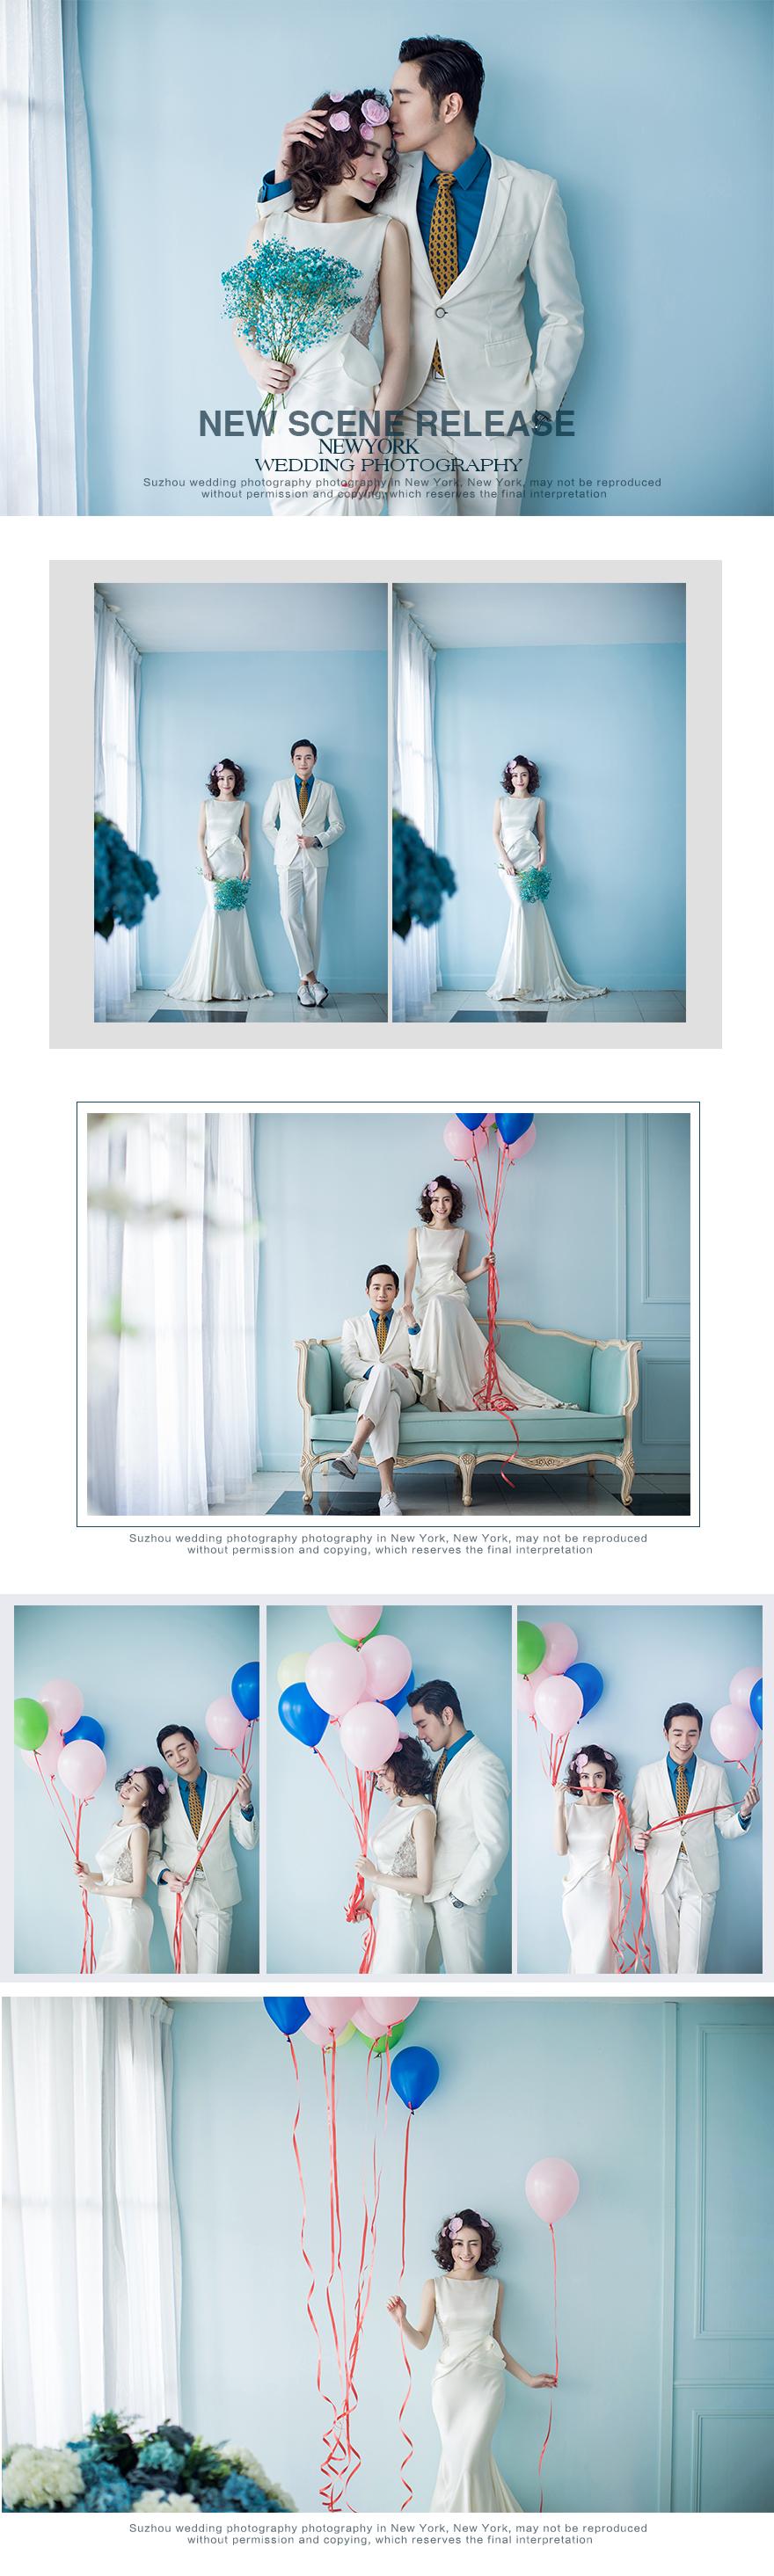 2016新景发布婚纱摄影照